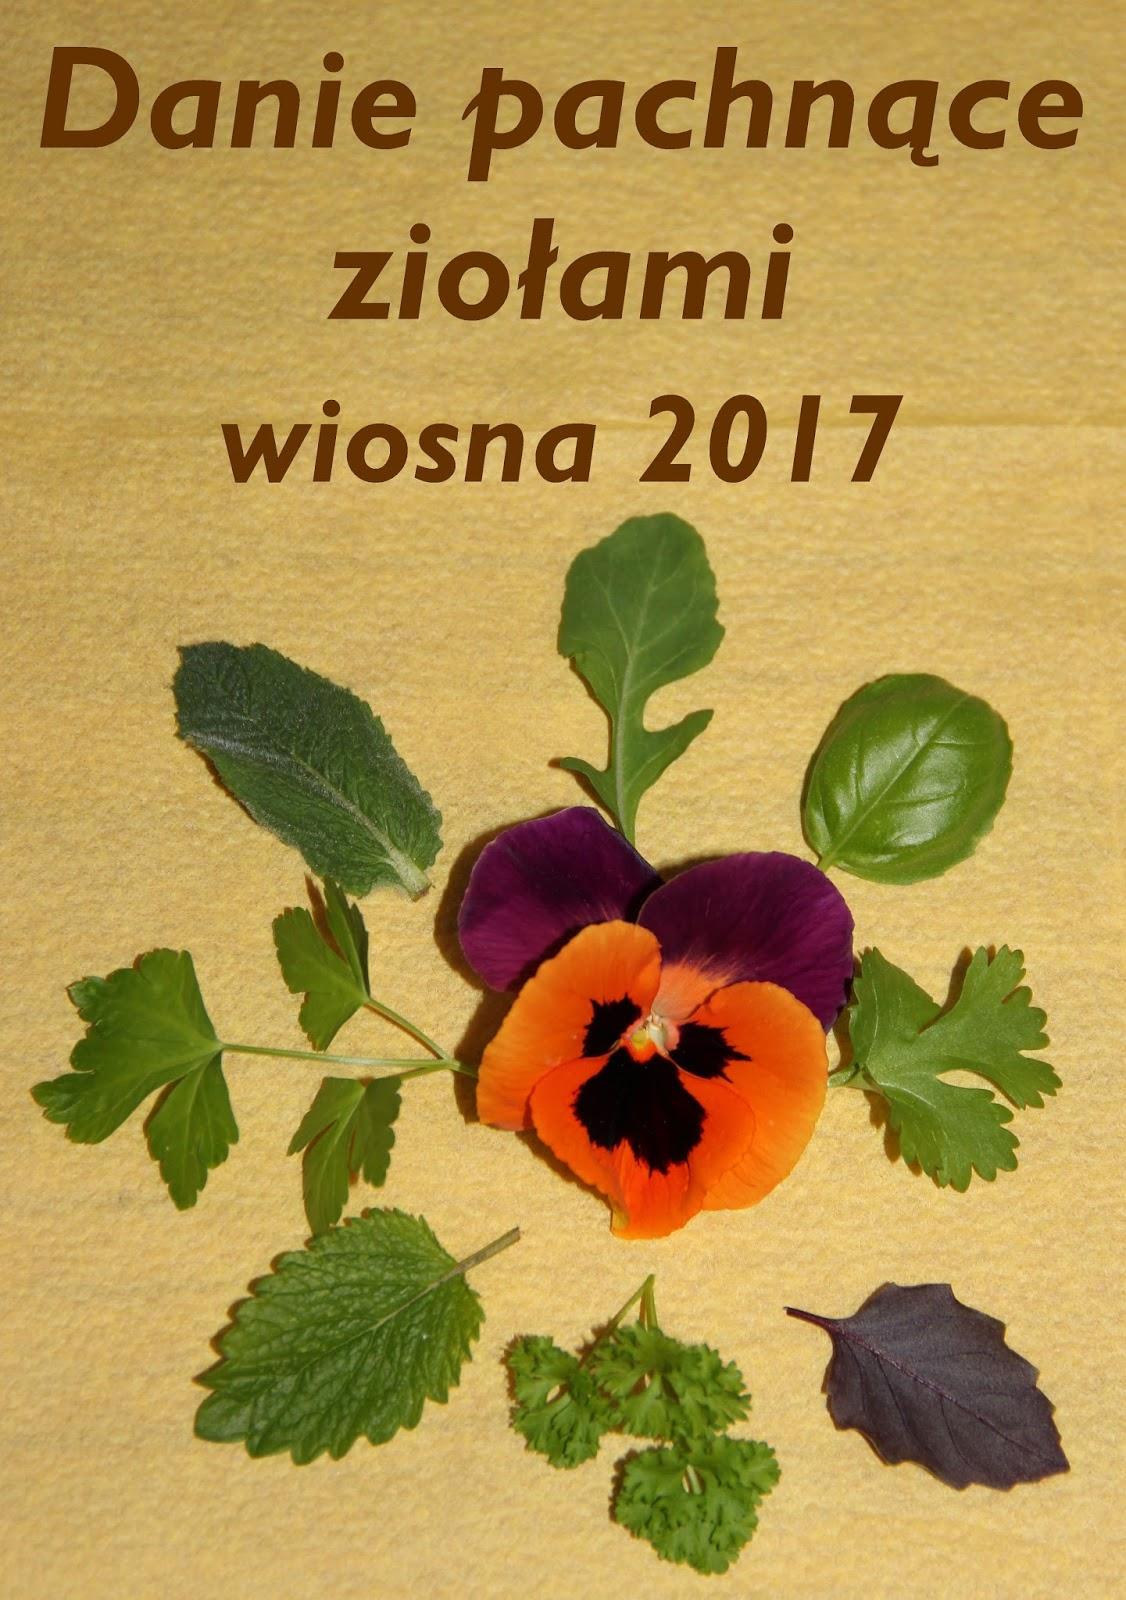 http://weekendywdomuiogrodzie.blogspot.com/2017/05/daniepachnace-zioami-4-zaproszenie-do.html